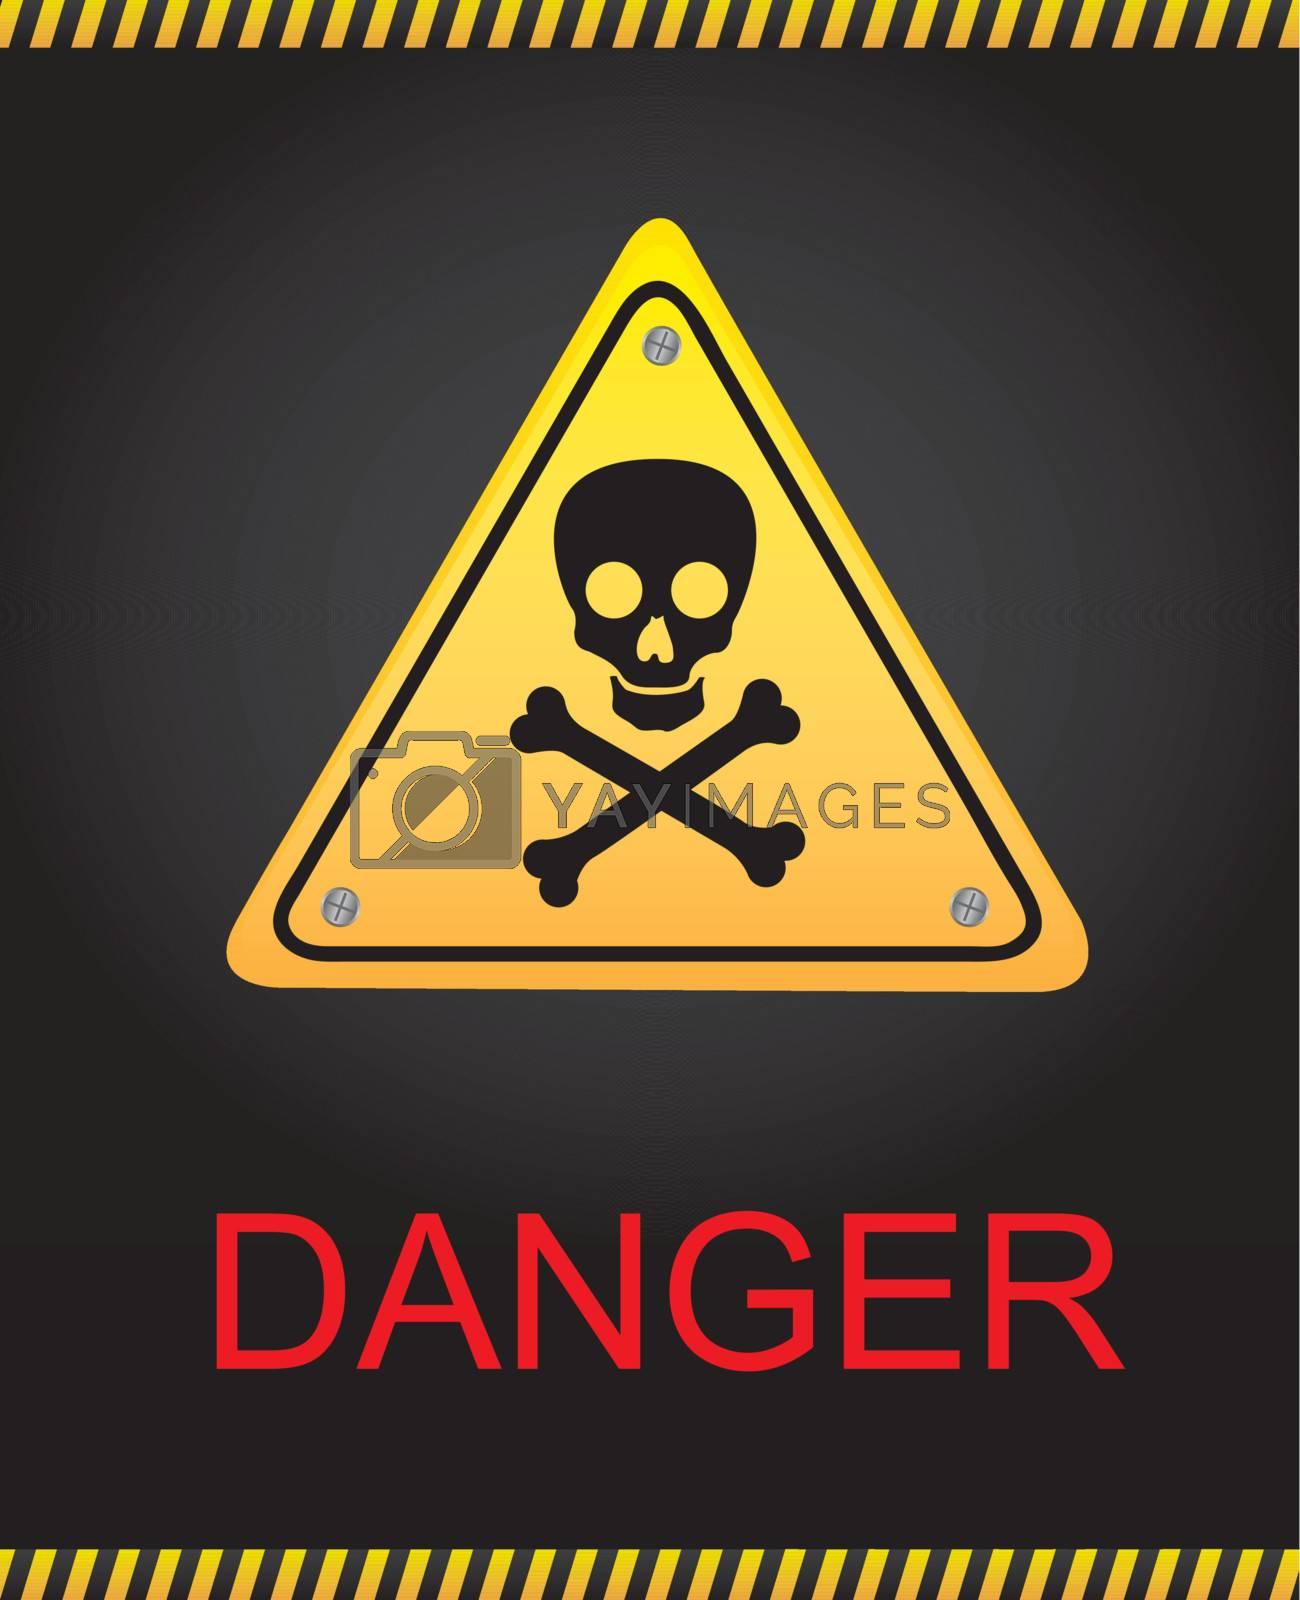 Danger by yupiramos